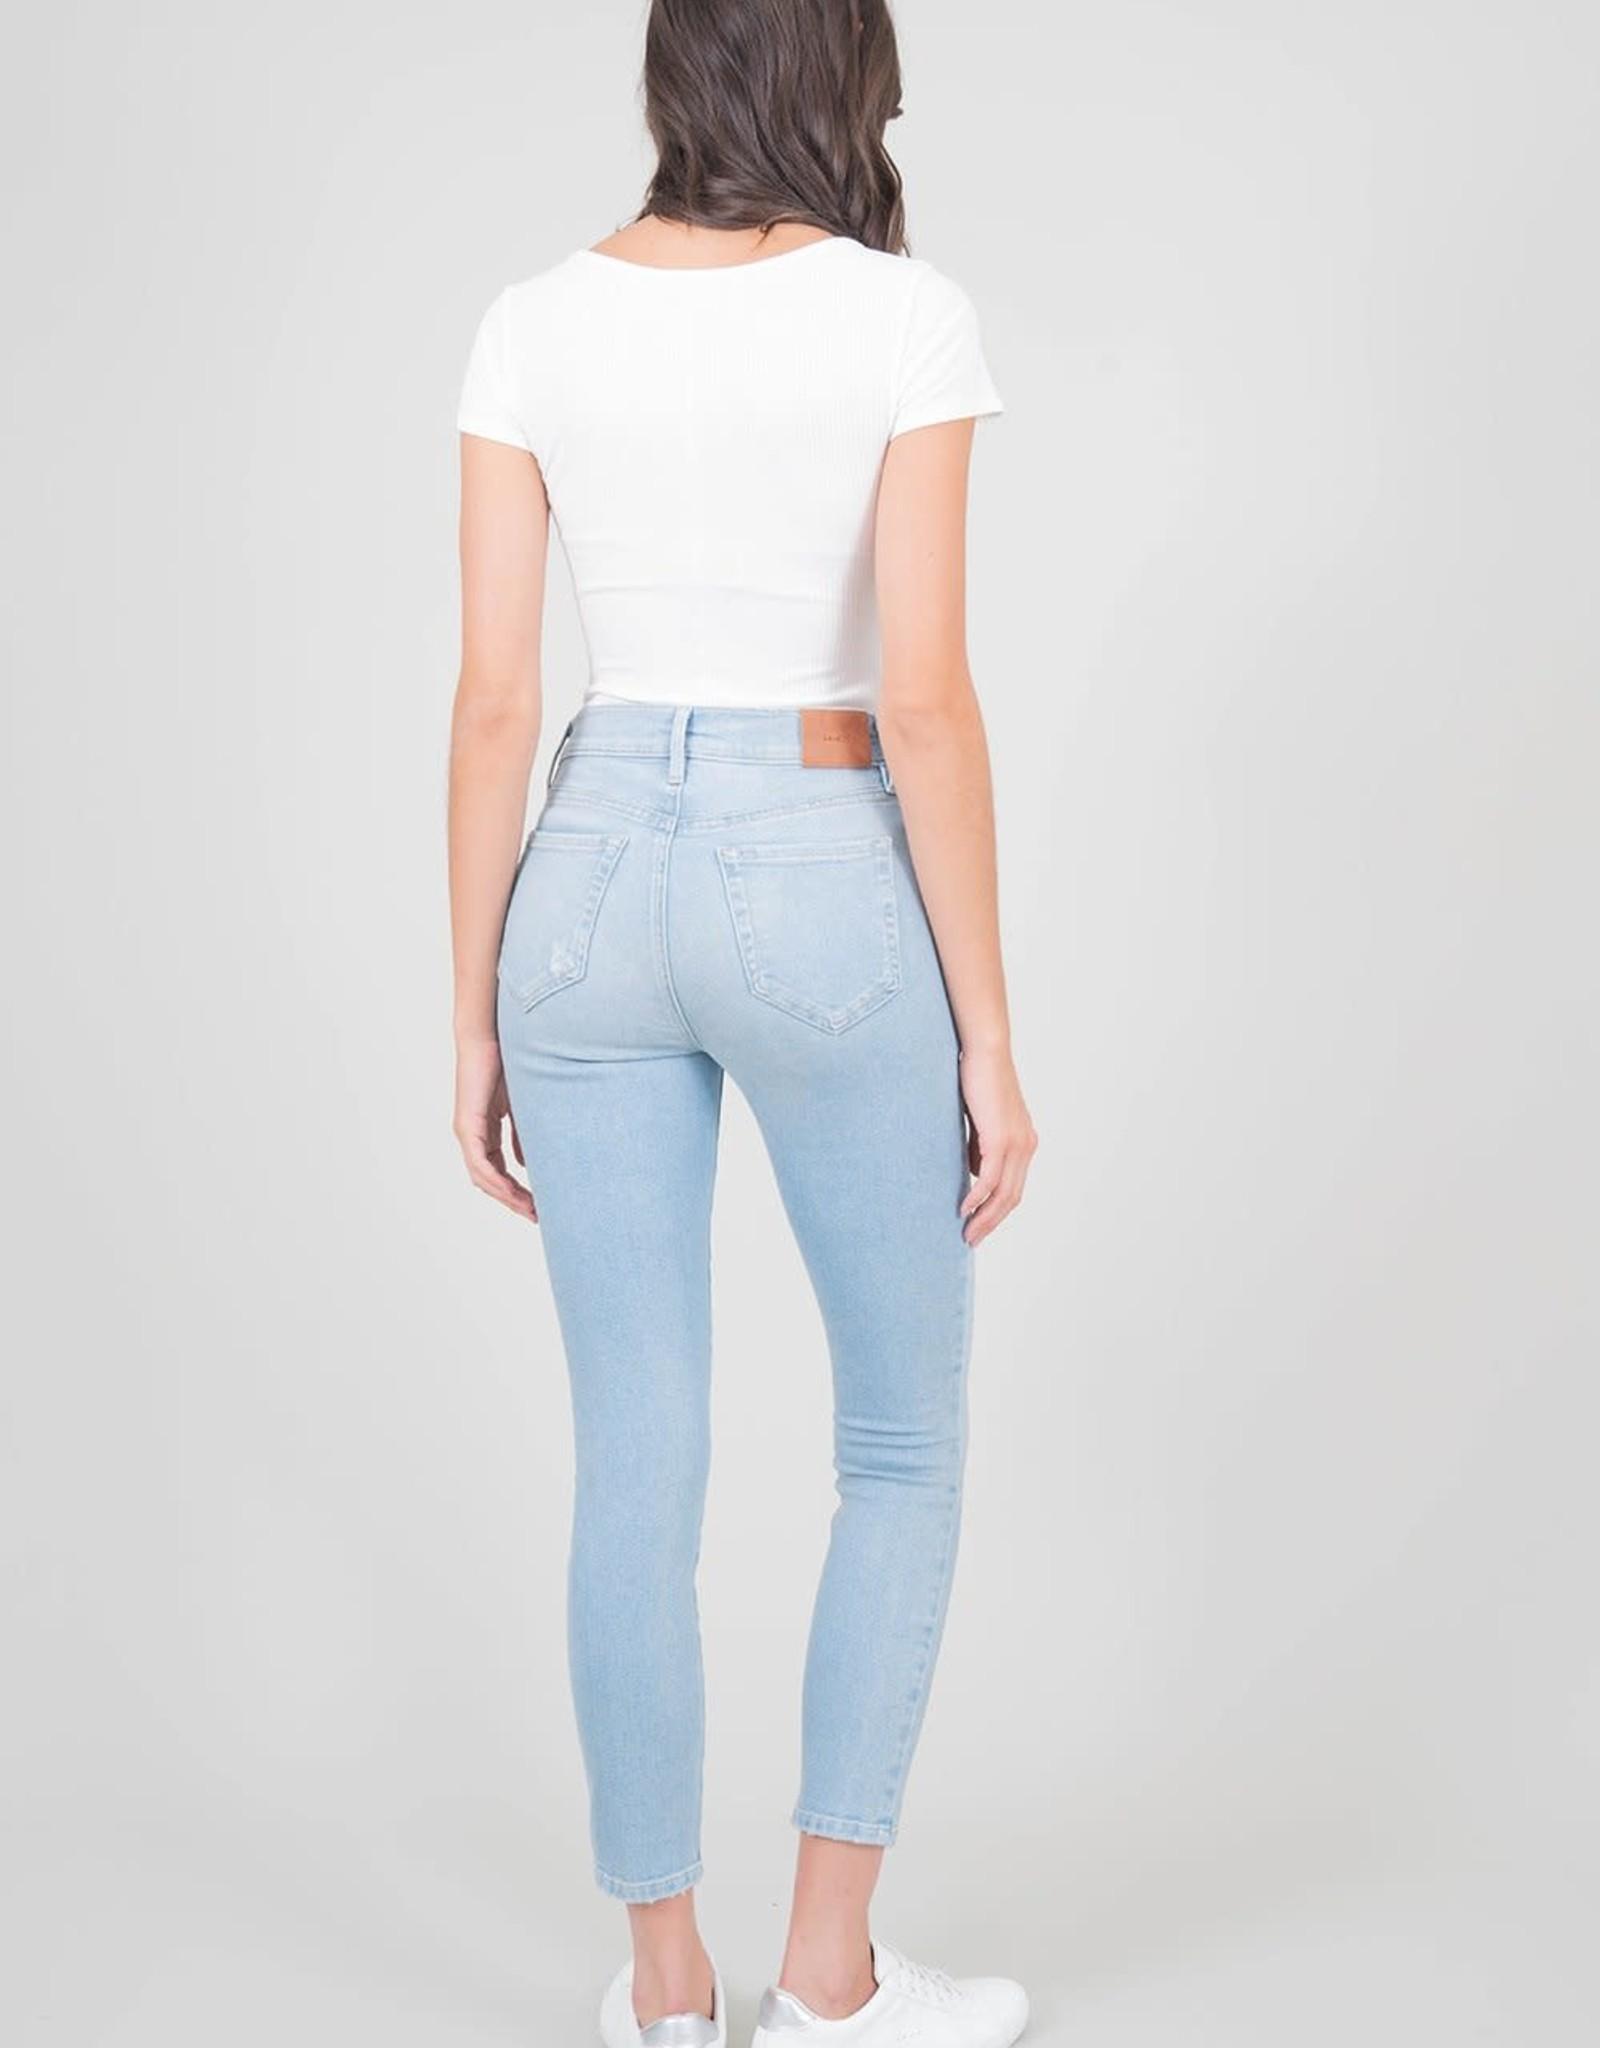 Level 99 Heidi Skinny Jeans